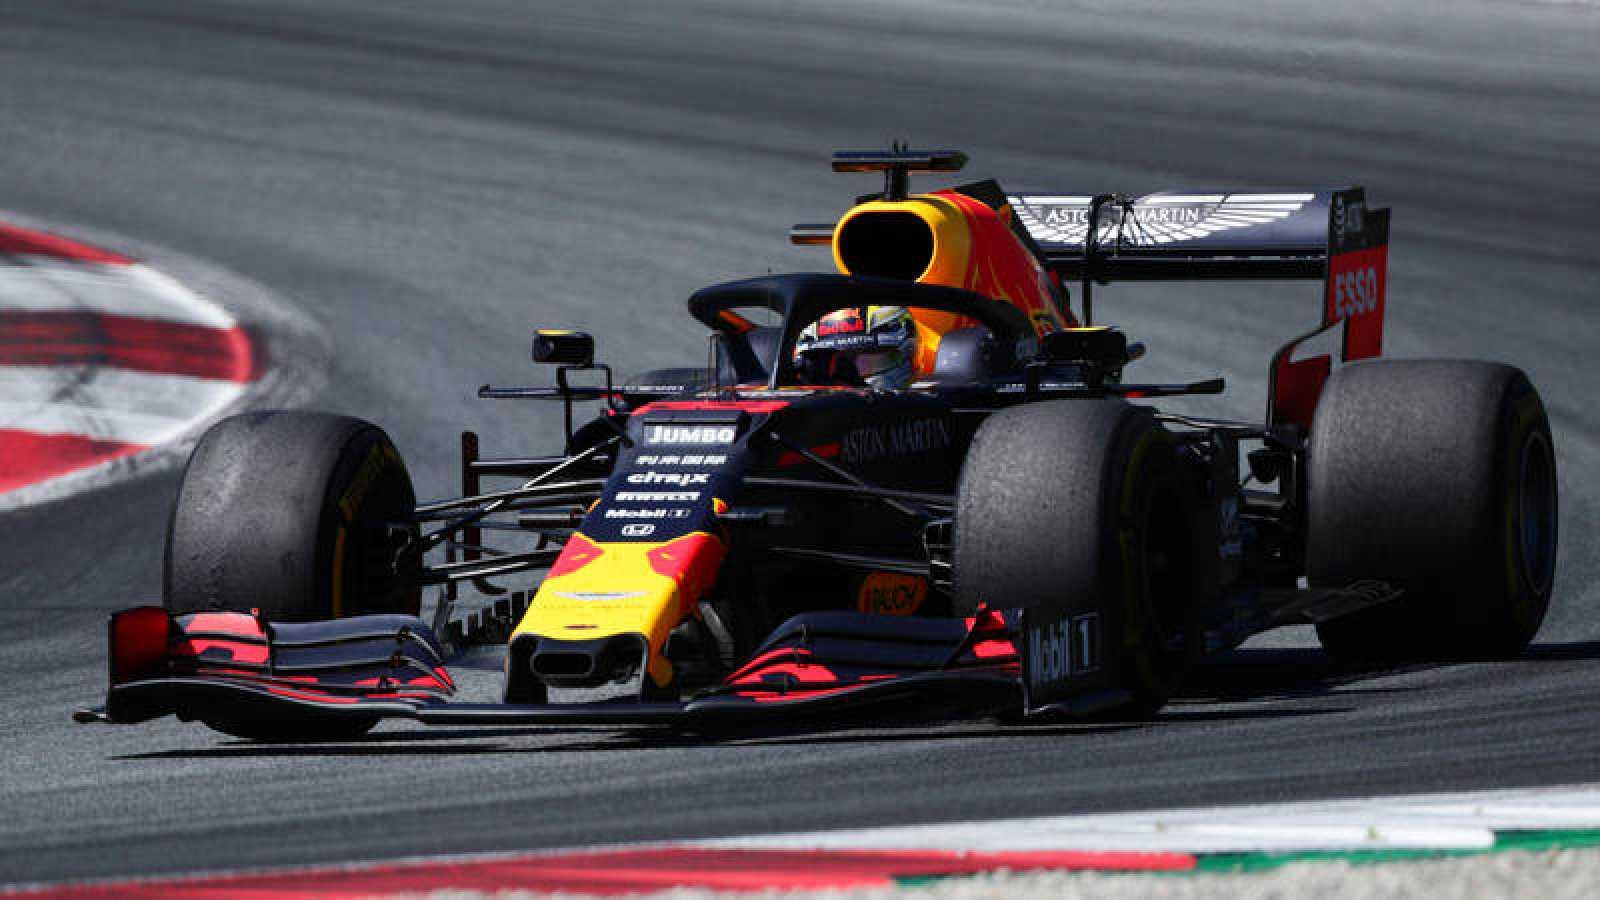 Verstappen gana el Gran Premio de Austria en un apretado final